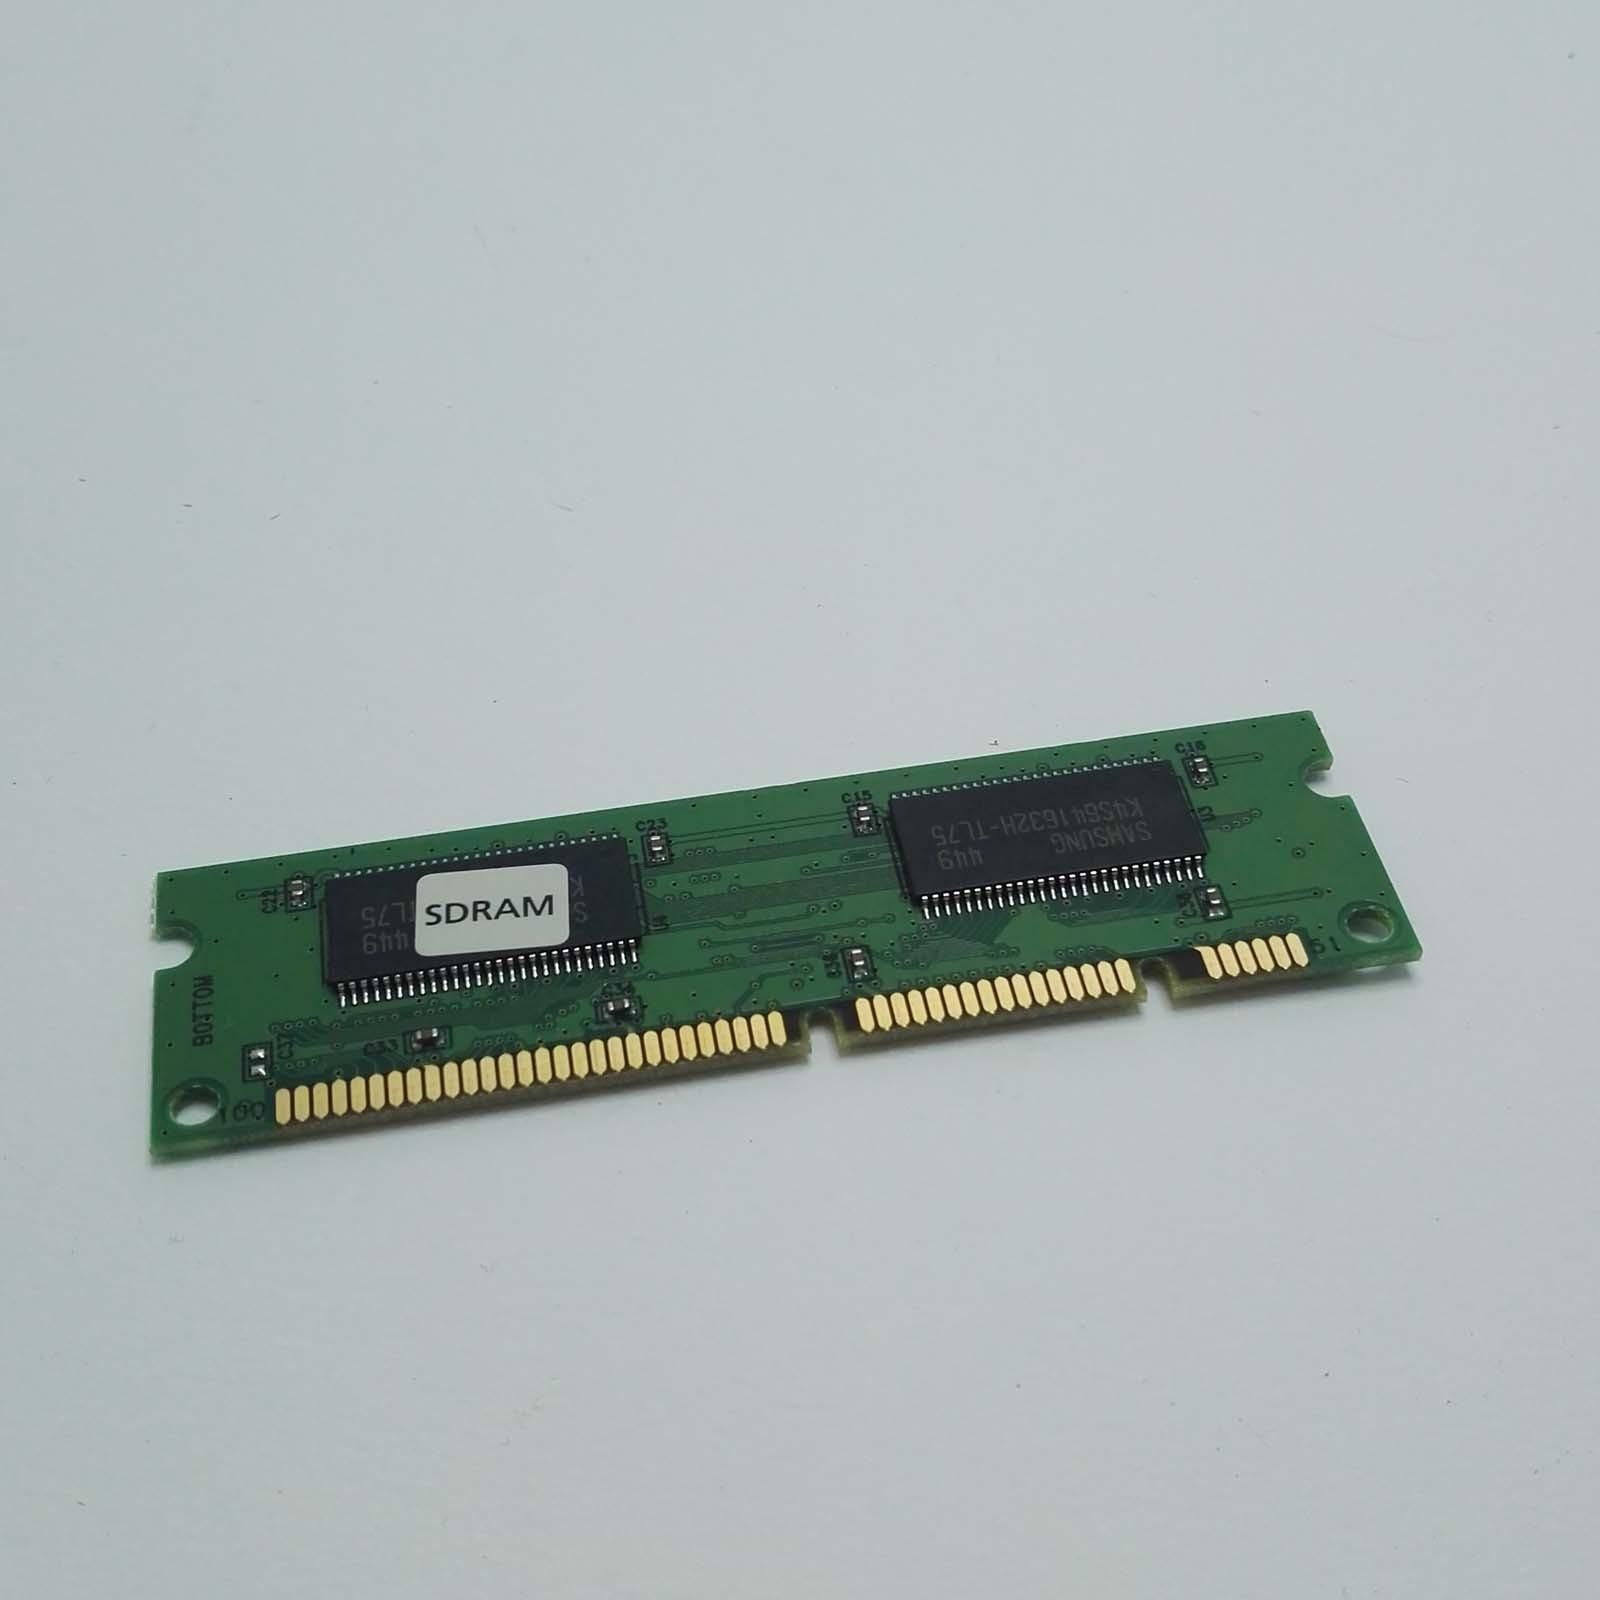 RAM 128 MB SDRAM DIMM V1.1 Stampante multifunzione Samsung SCX-6320F